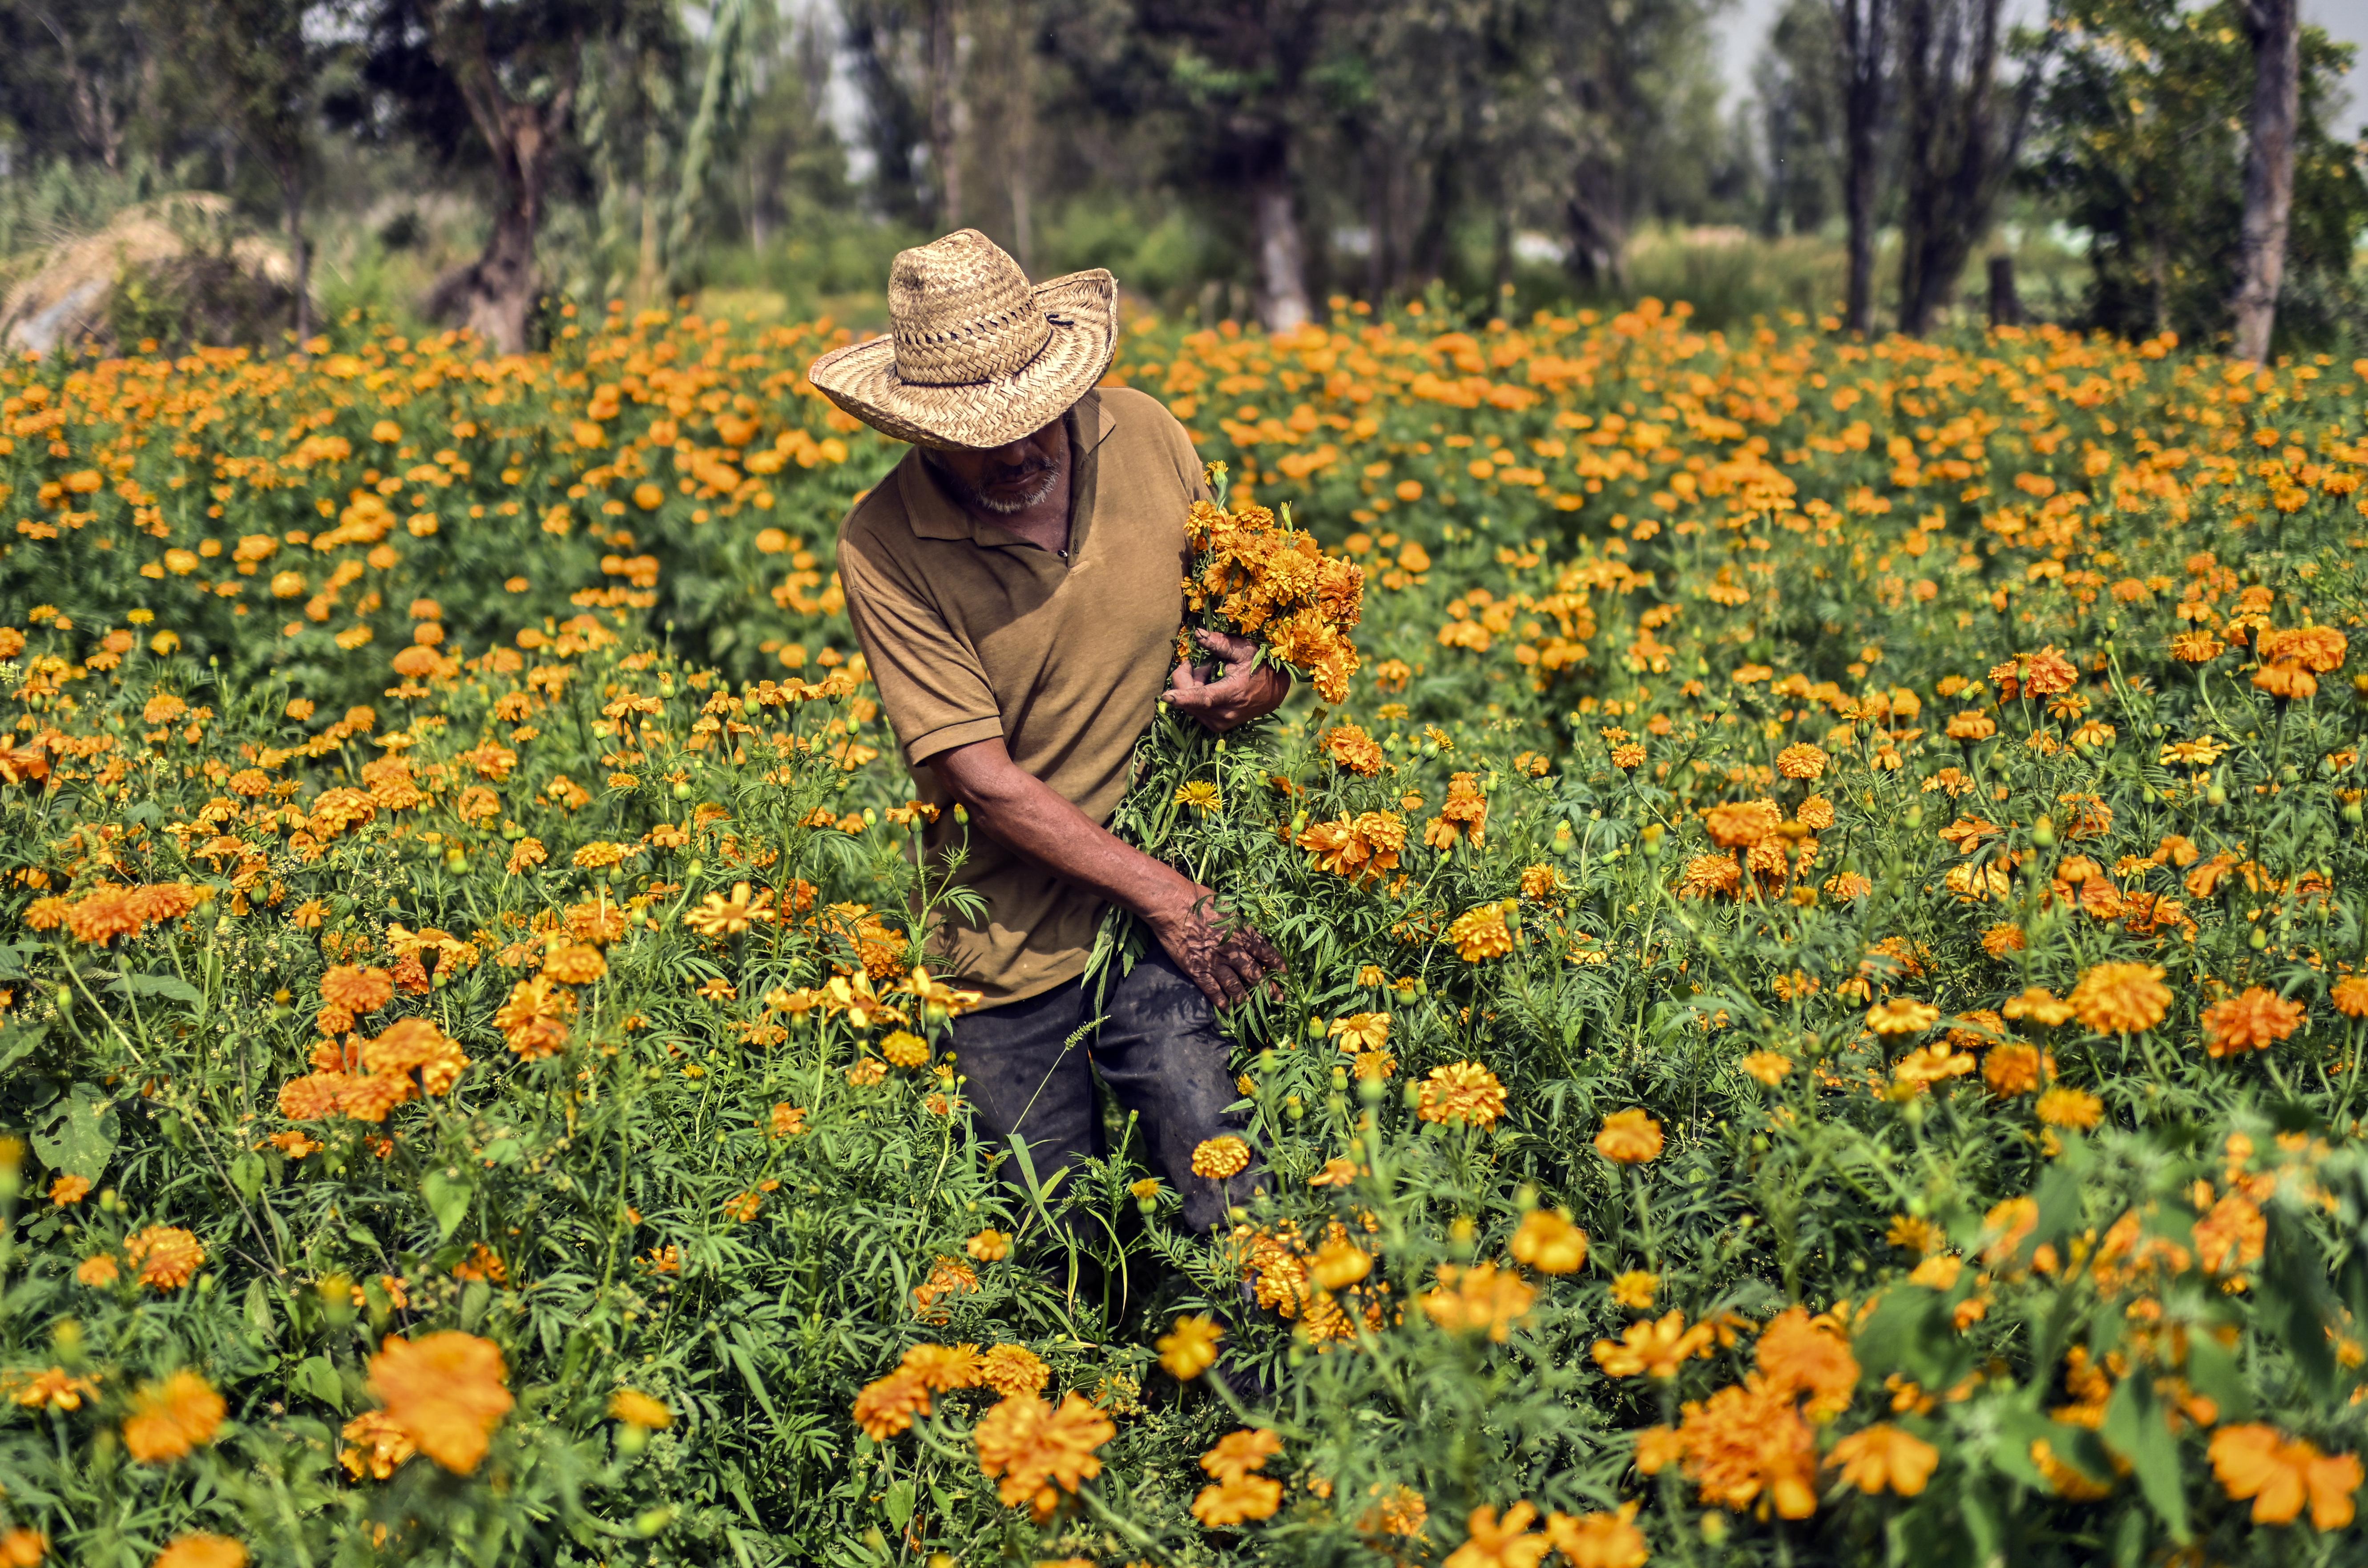 Anselmo Sánchez, 63, cosecha flores de cempasúchil, caléndula mexicana, en un campo de cultivo en una chinampa (jardines flotantes) en Xochimilco, Ciudad de México, el 13 de octubre de 2020.